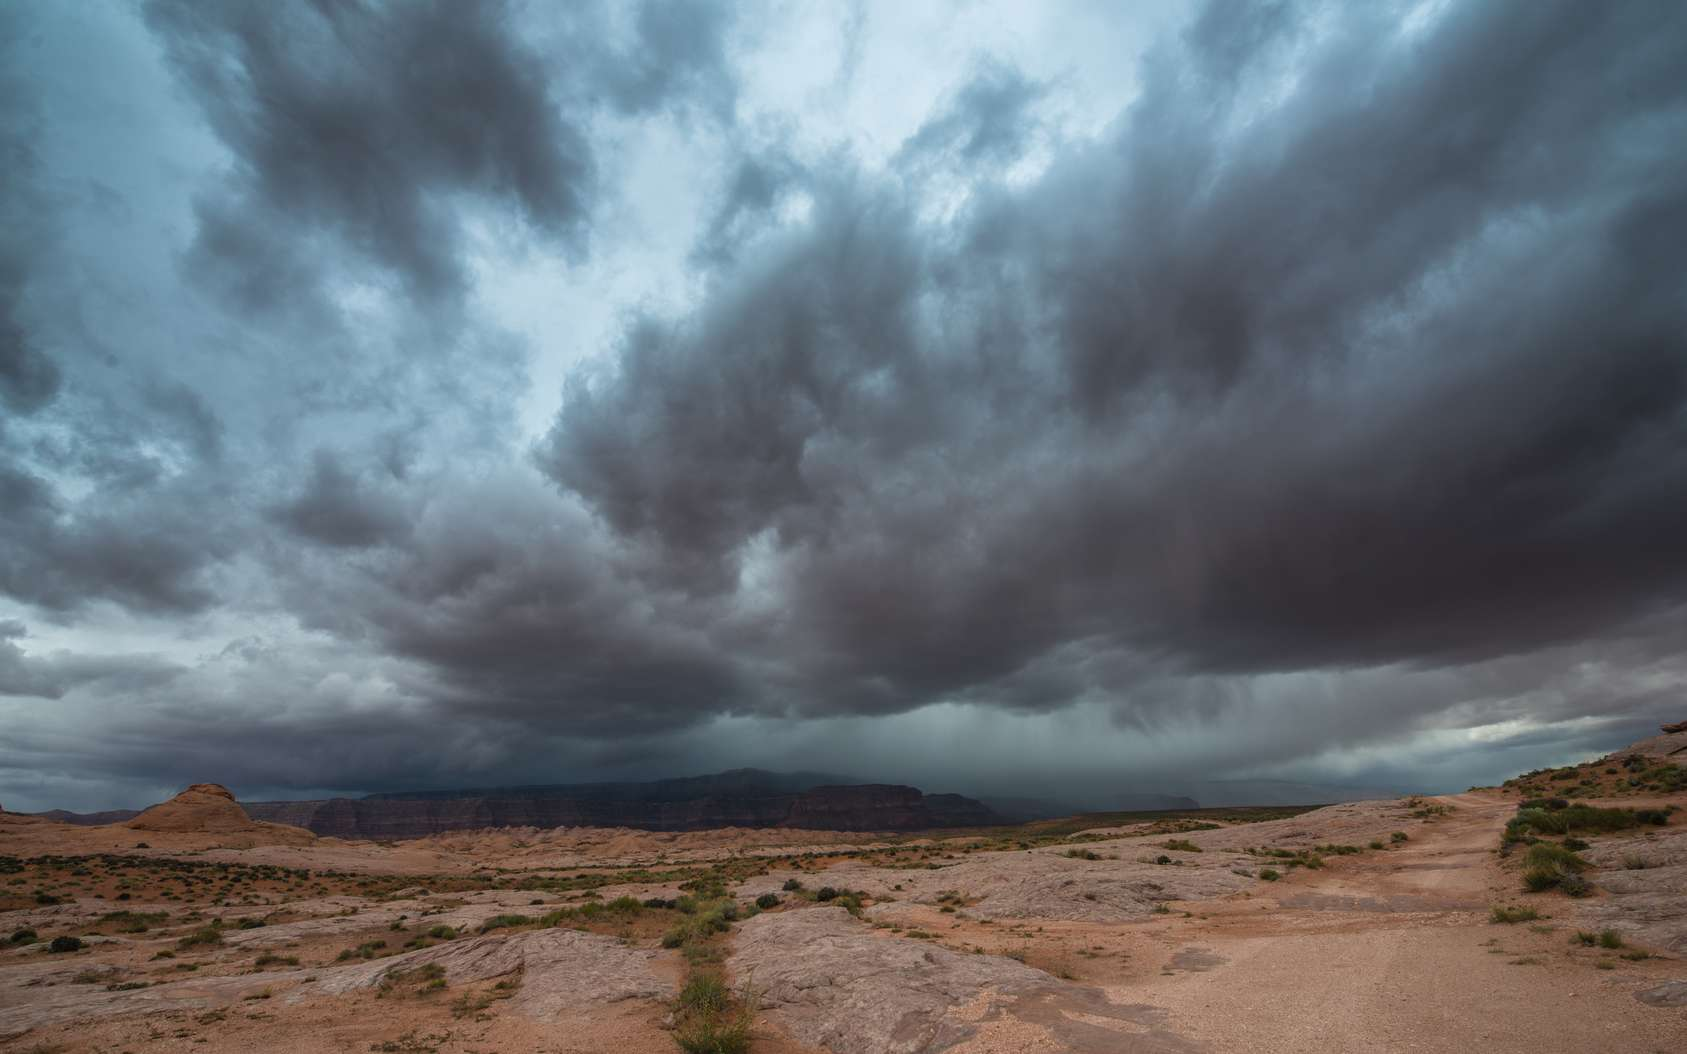 Prévision aléa climatique: Des experts alerte sur des quantités de pluies supérieures à équivalentes aux moyennes saisonnières dans le sahel